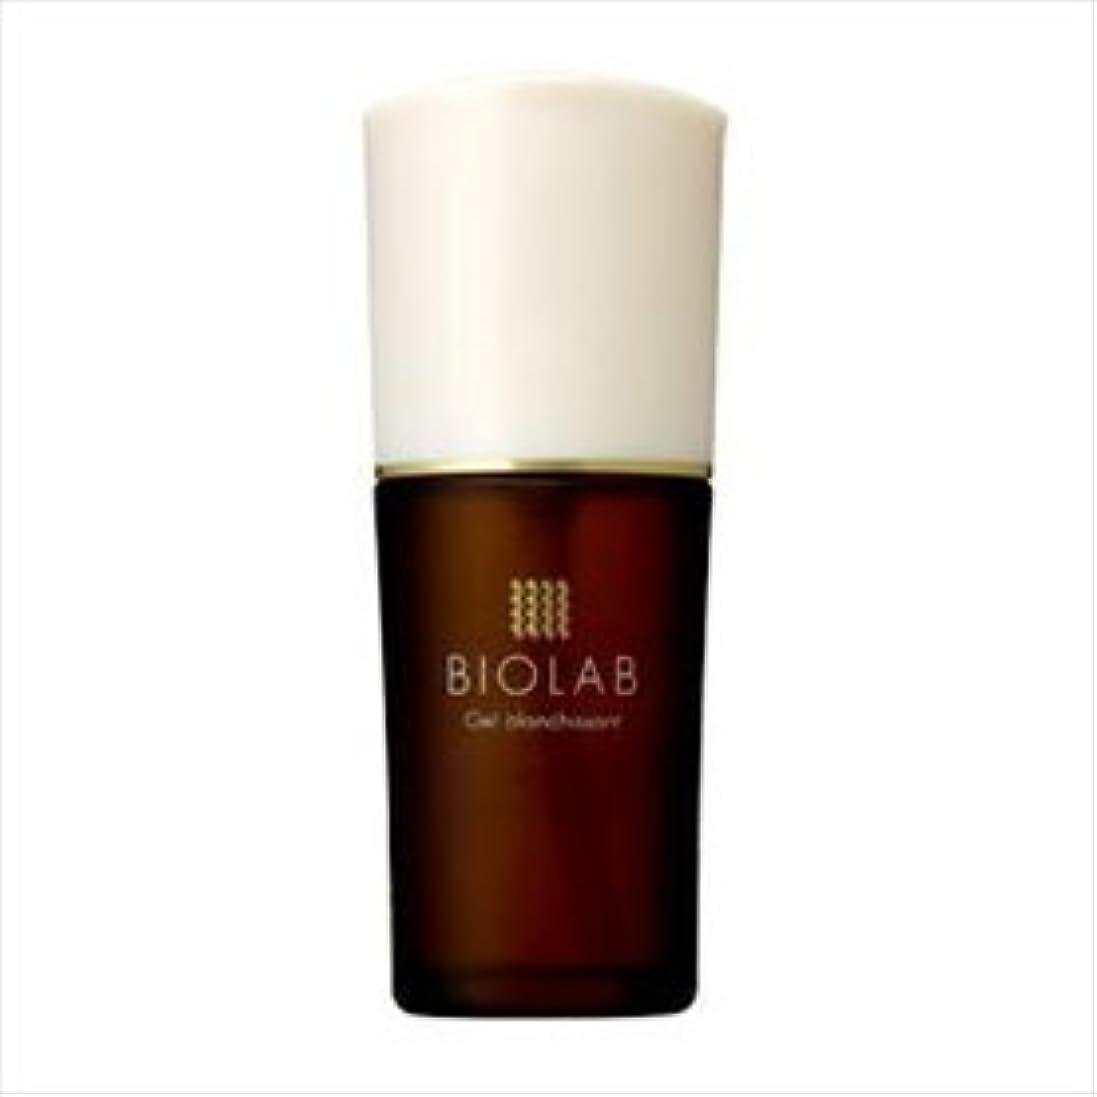 ミニチュア洗う夢BIOLAB(バイオラブ)ジェルブランシサン 30ml